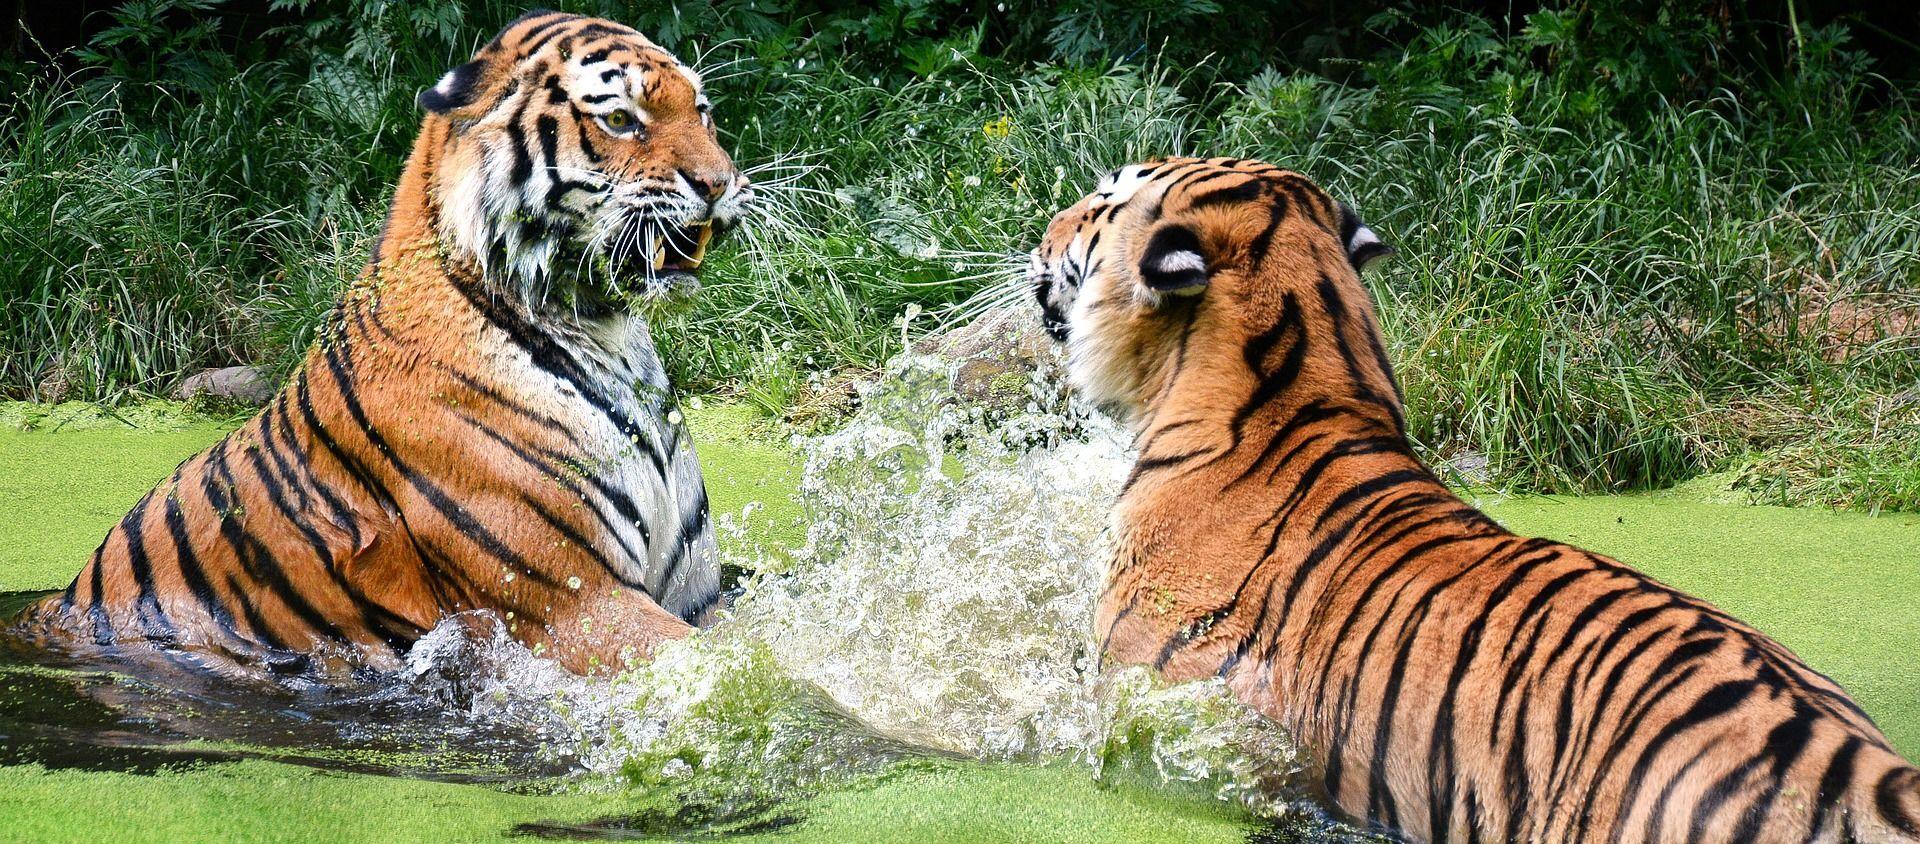 Tigres en el agua - Sputnik Mundo, 1920, 31.12.2020